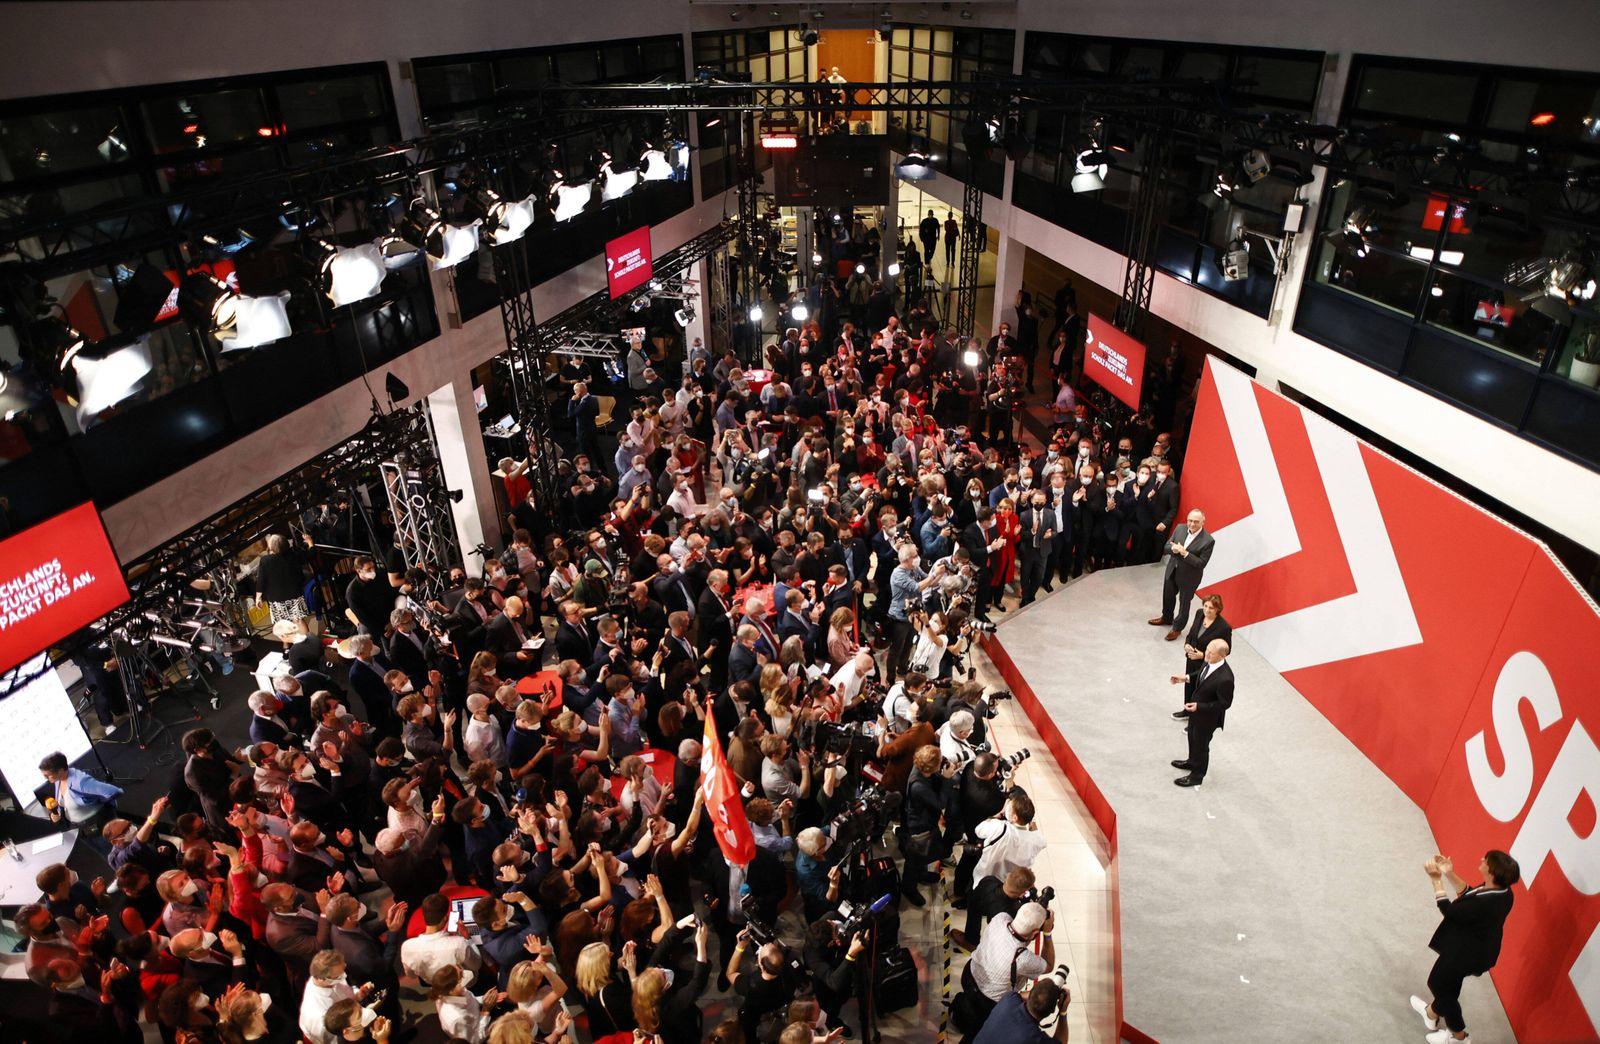 Bundesfinanzminister und Kanzlerkandidat Olaf Scholz, SPD, am Wahlabend der Bundestagswahl 2021 in der SPD Parteizentra